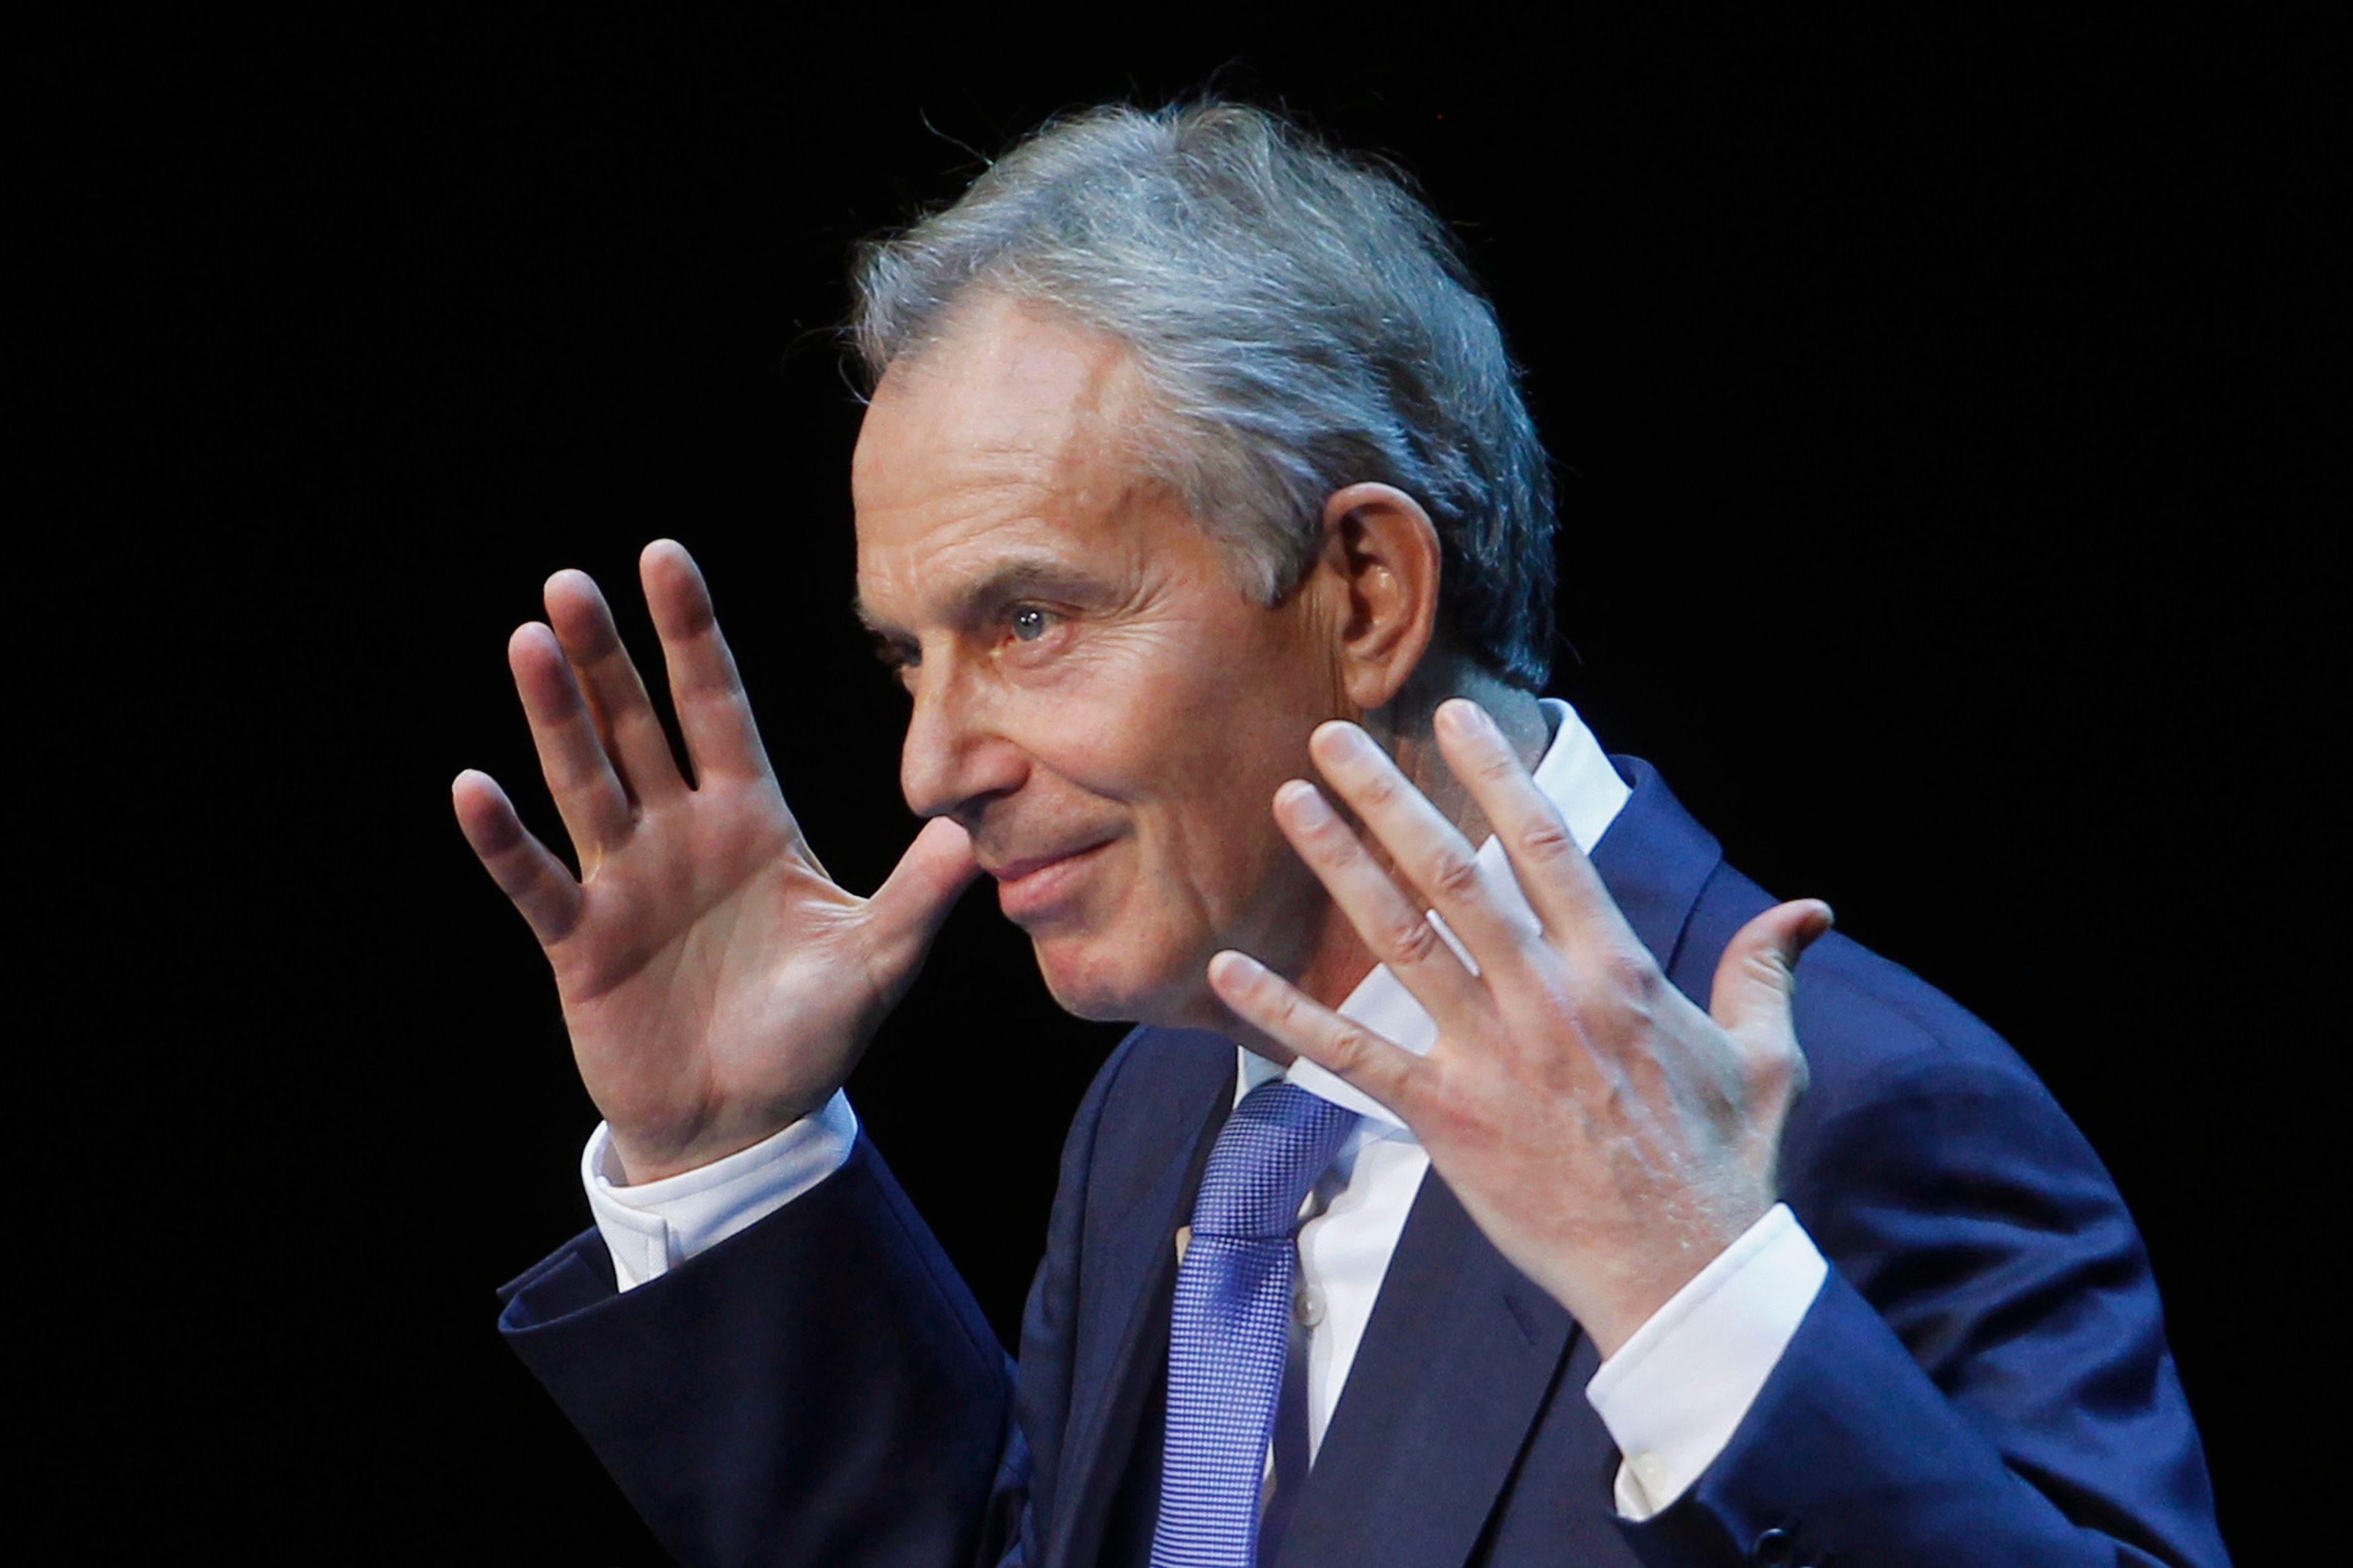 """""""J'ai été dans une situation semblable à celle de Macron, voici les leçons que j'en ai tirées"""" : Tony Blair interpelle le nouveau président français dans une tribune"""